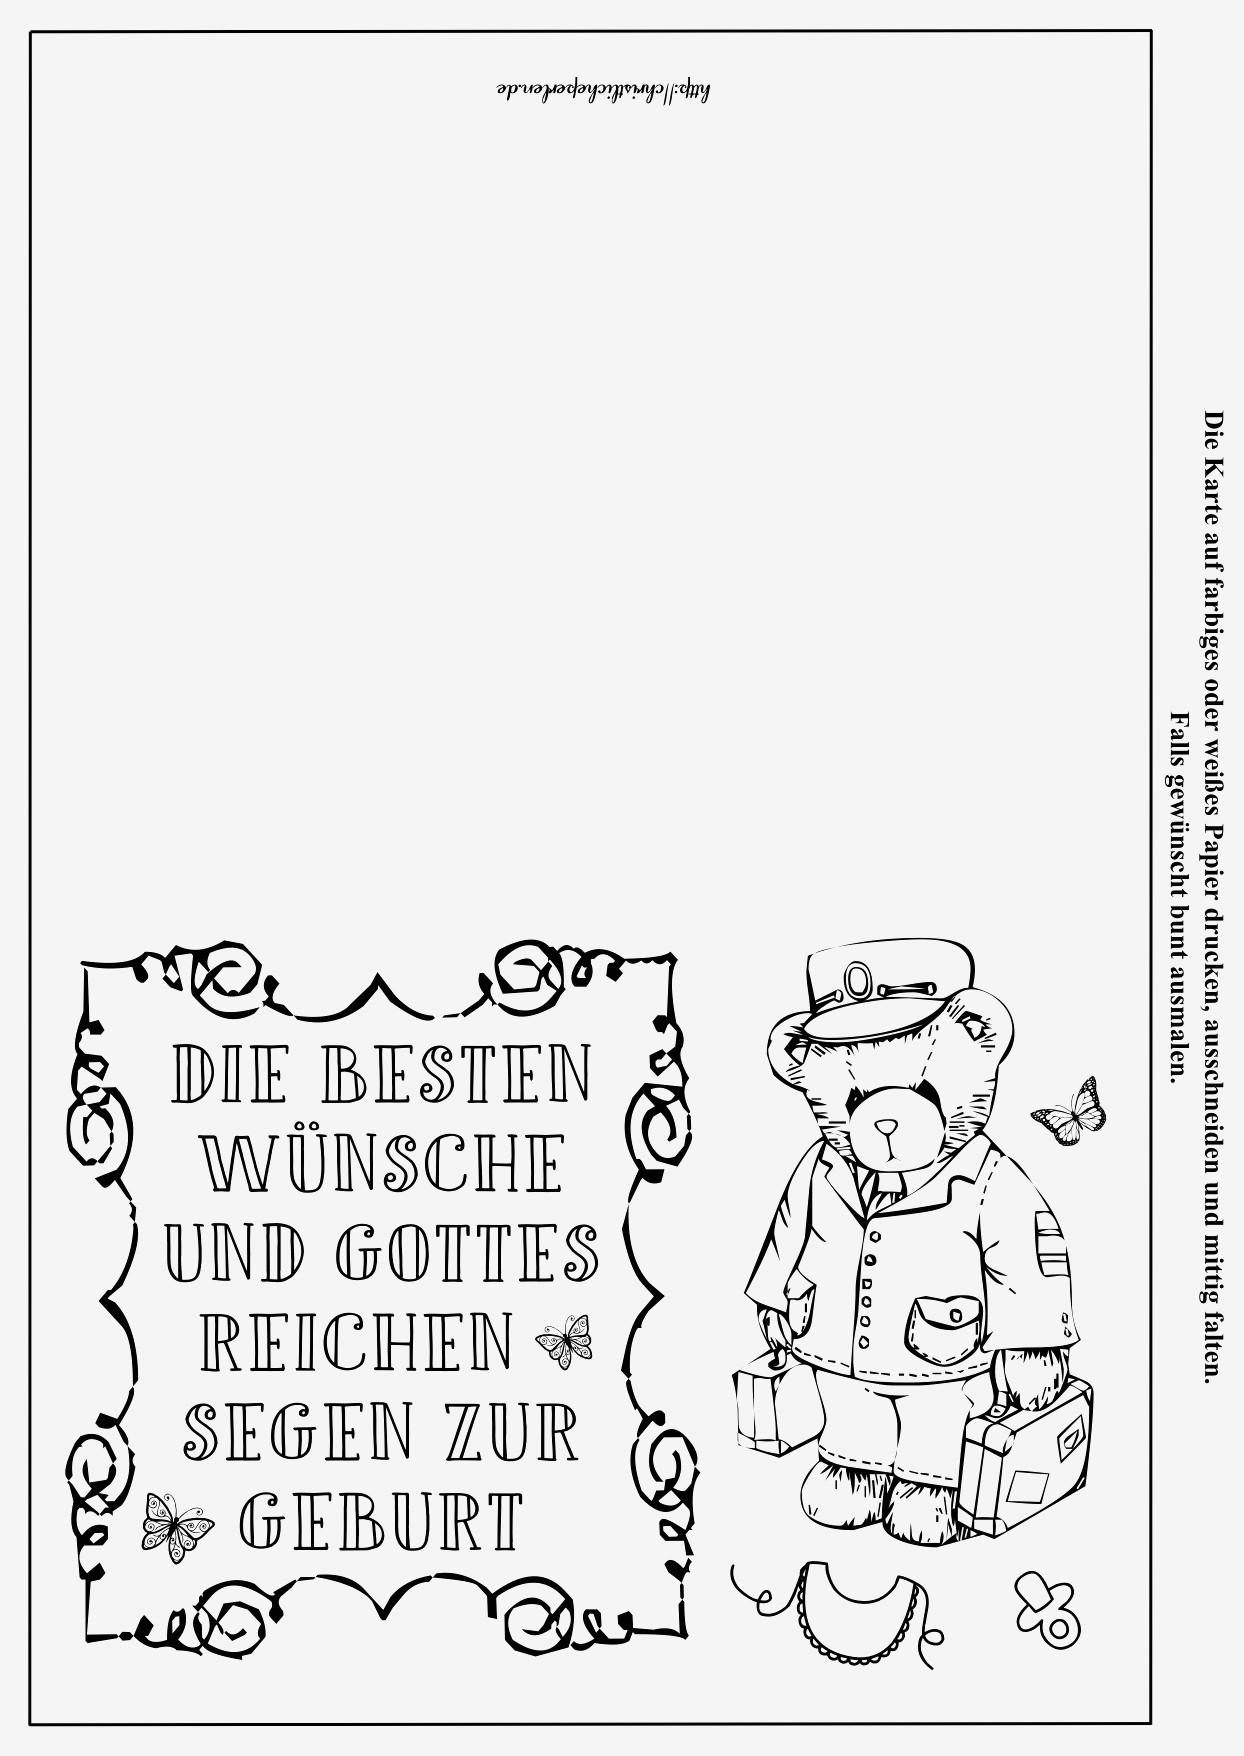 Hummel Bilder Zum Ausmalen Einzigartig Danksagung Karte Danksagungskarten Hochzeit Text Von Postkarte Bilder